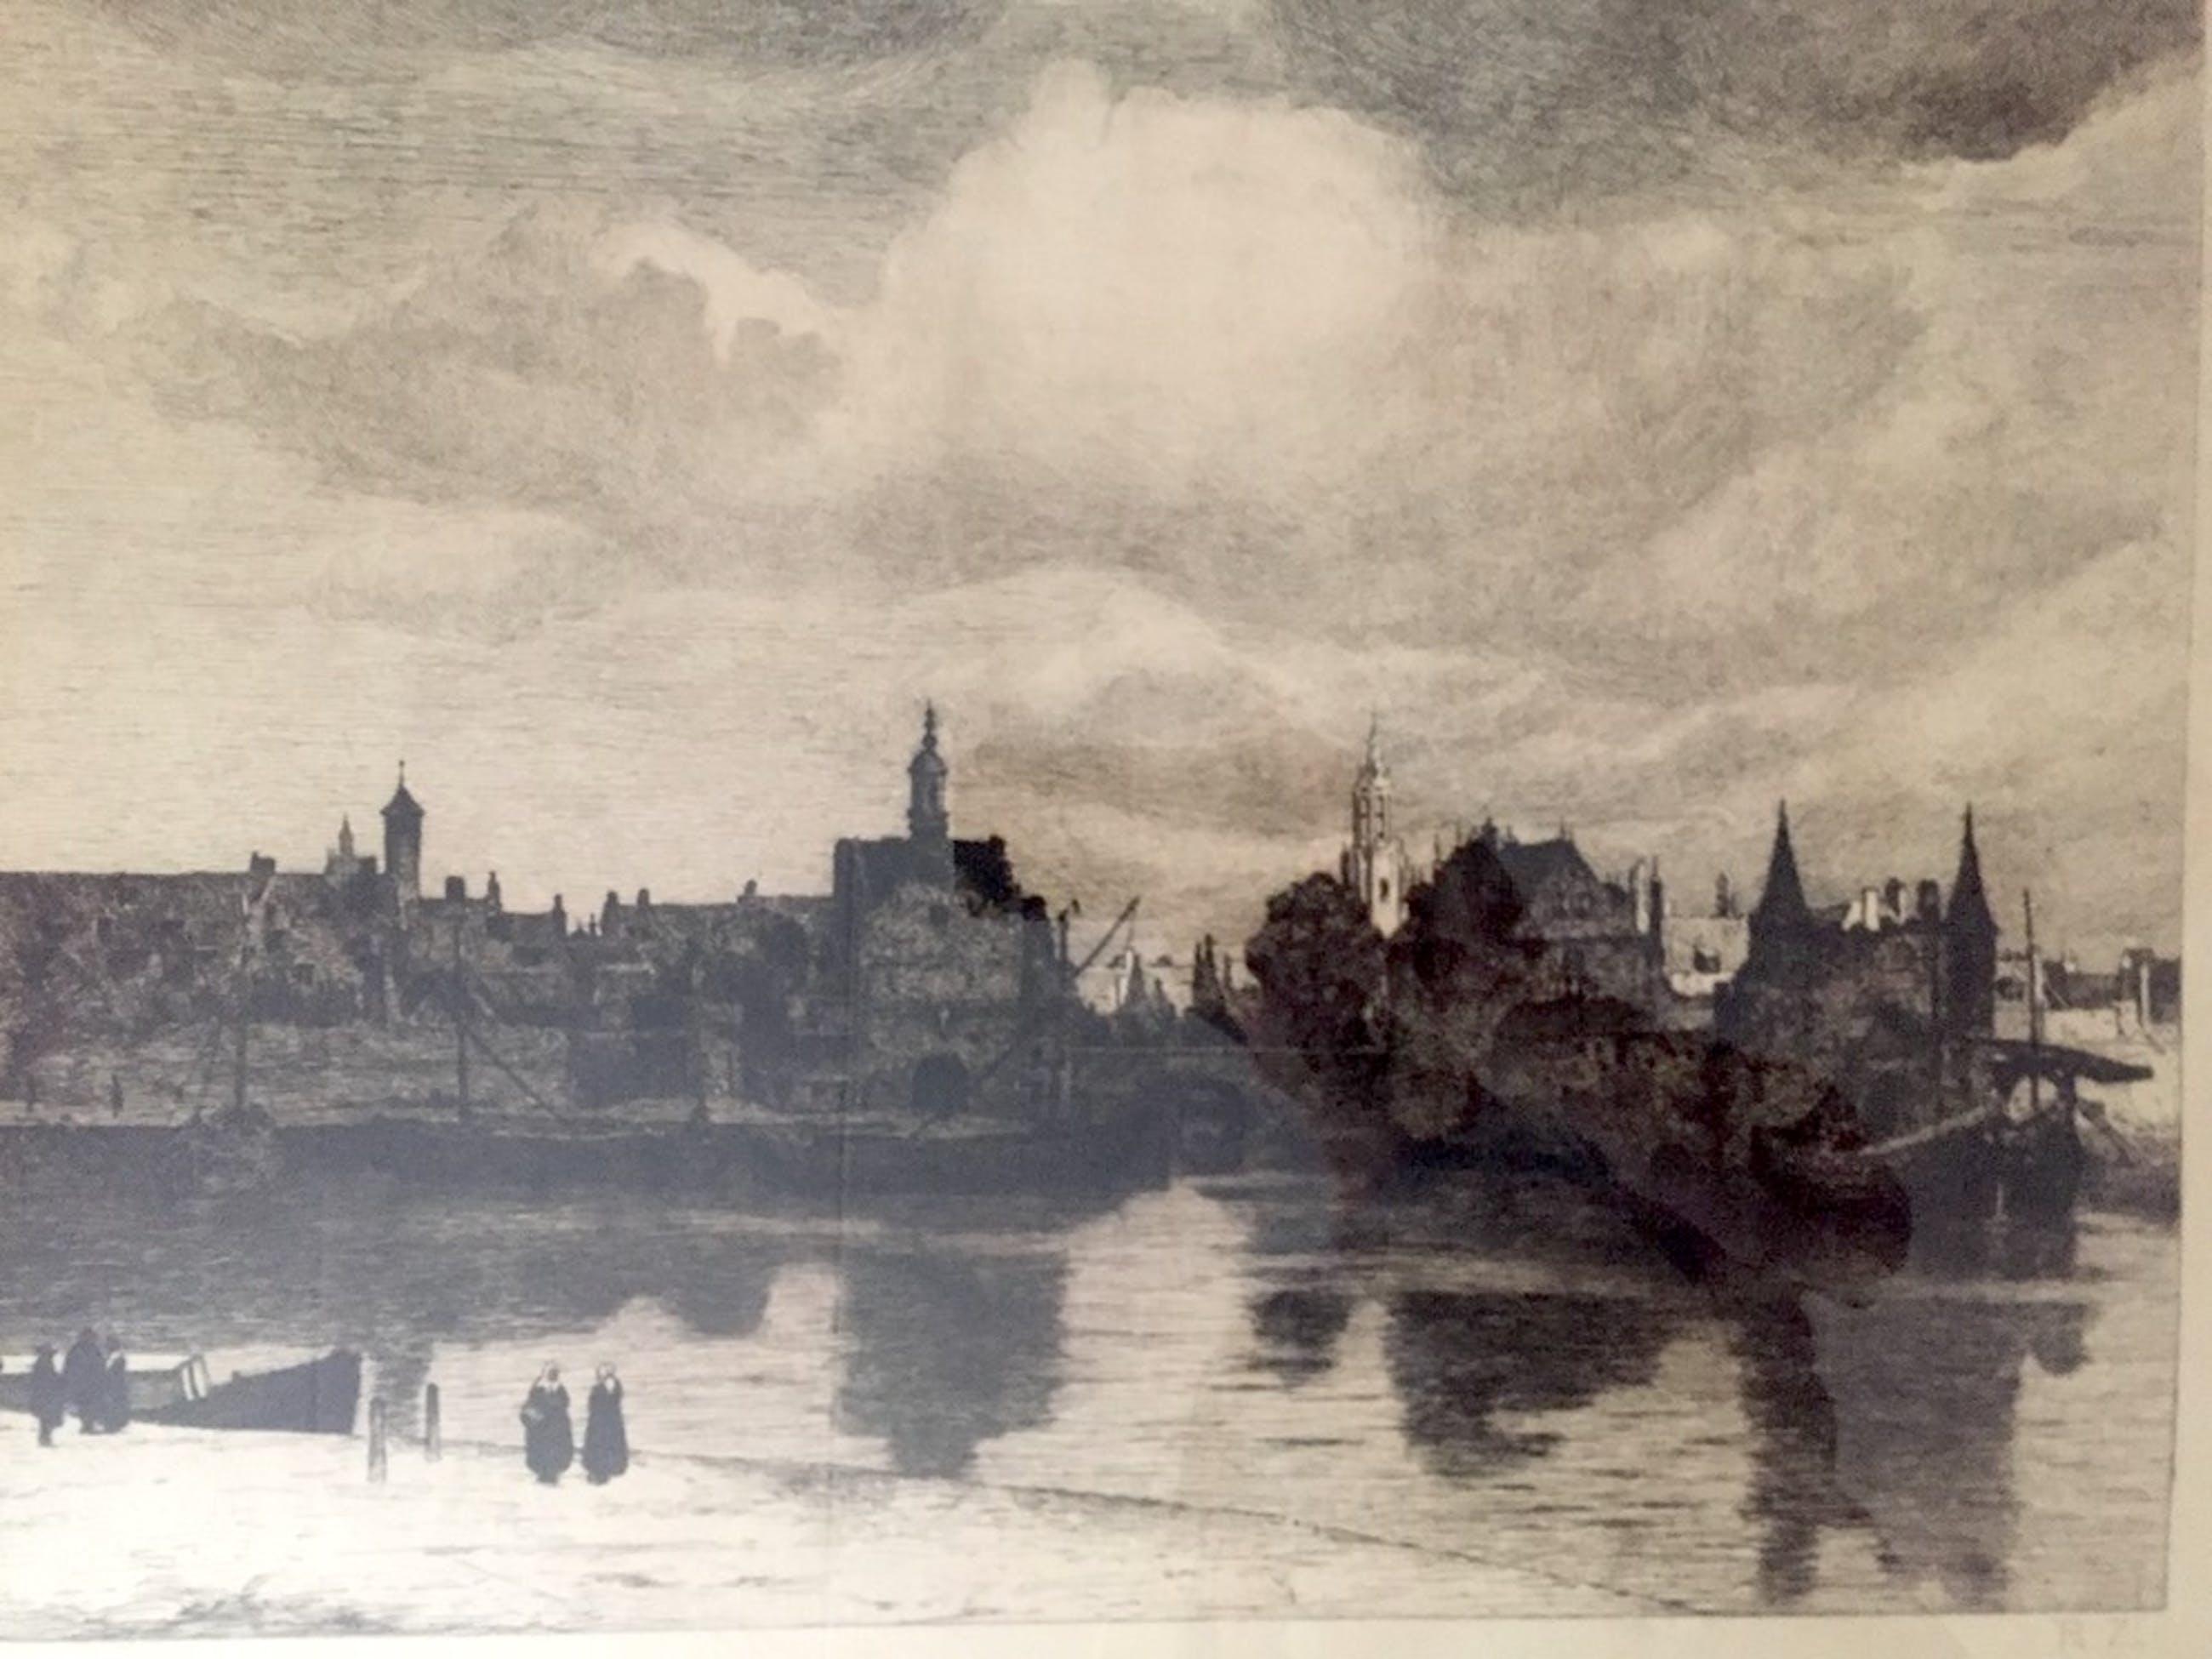 Philip Zilcken - 'Gezicht op Delft' - Ets, Ingelijst kopen? Bied vanaf 60!